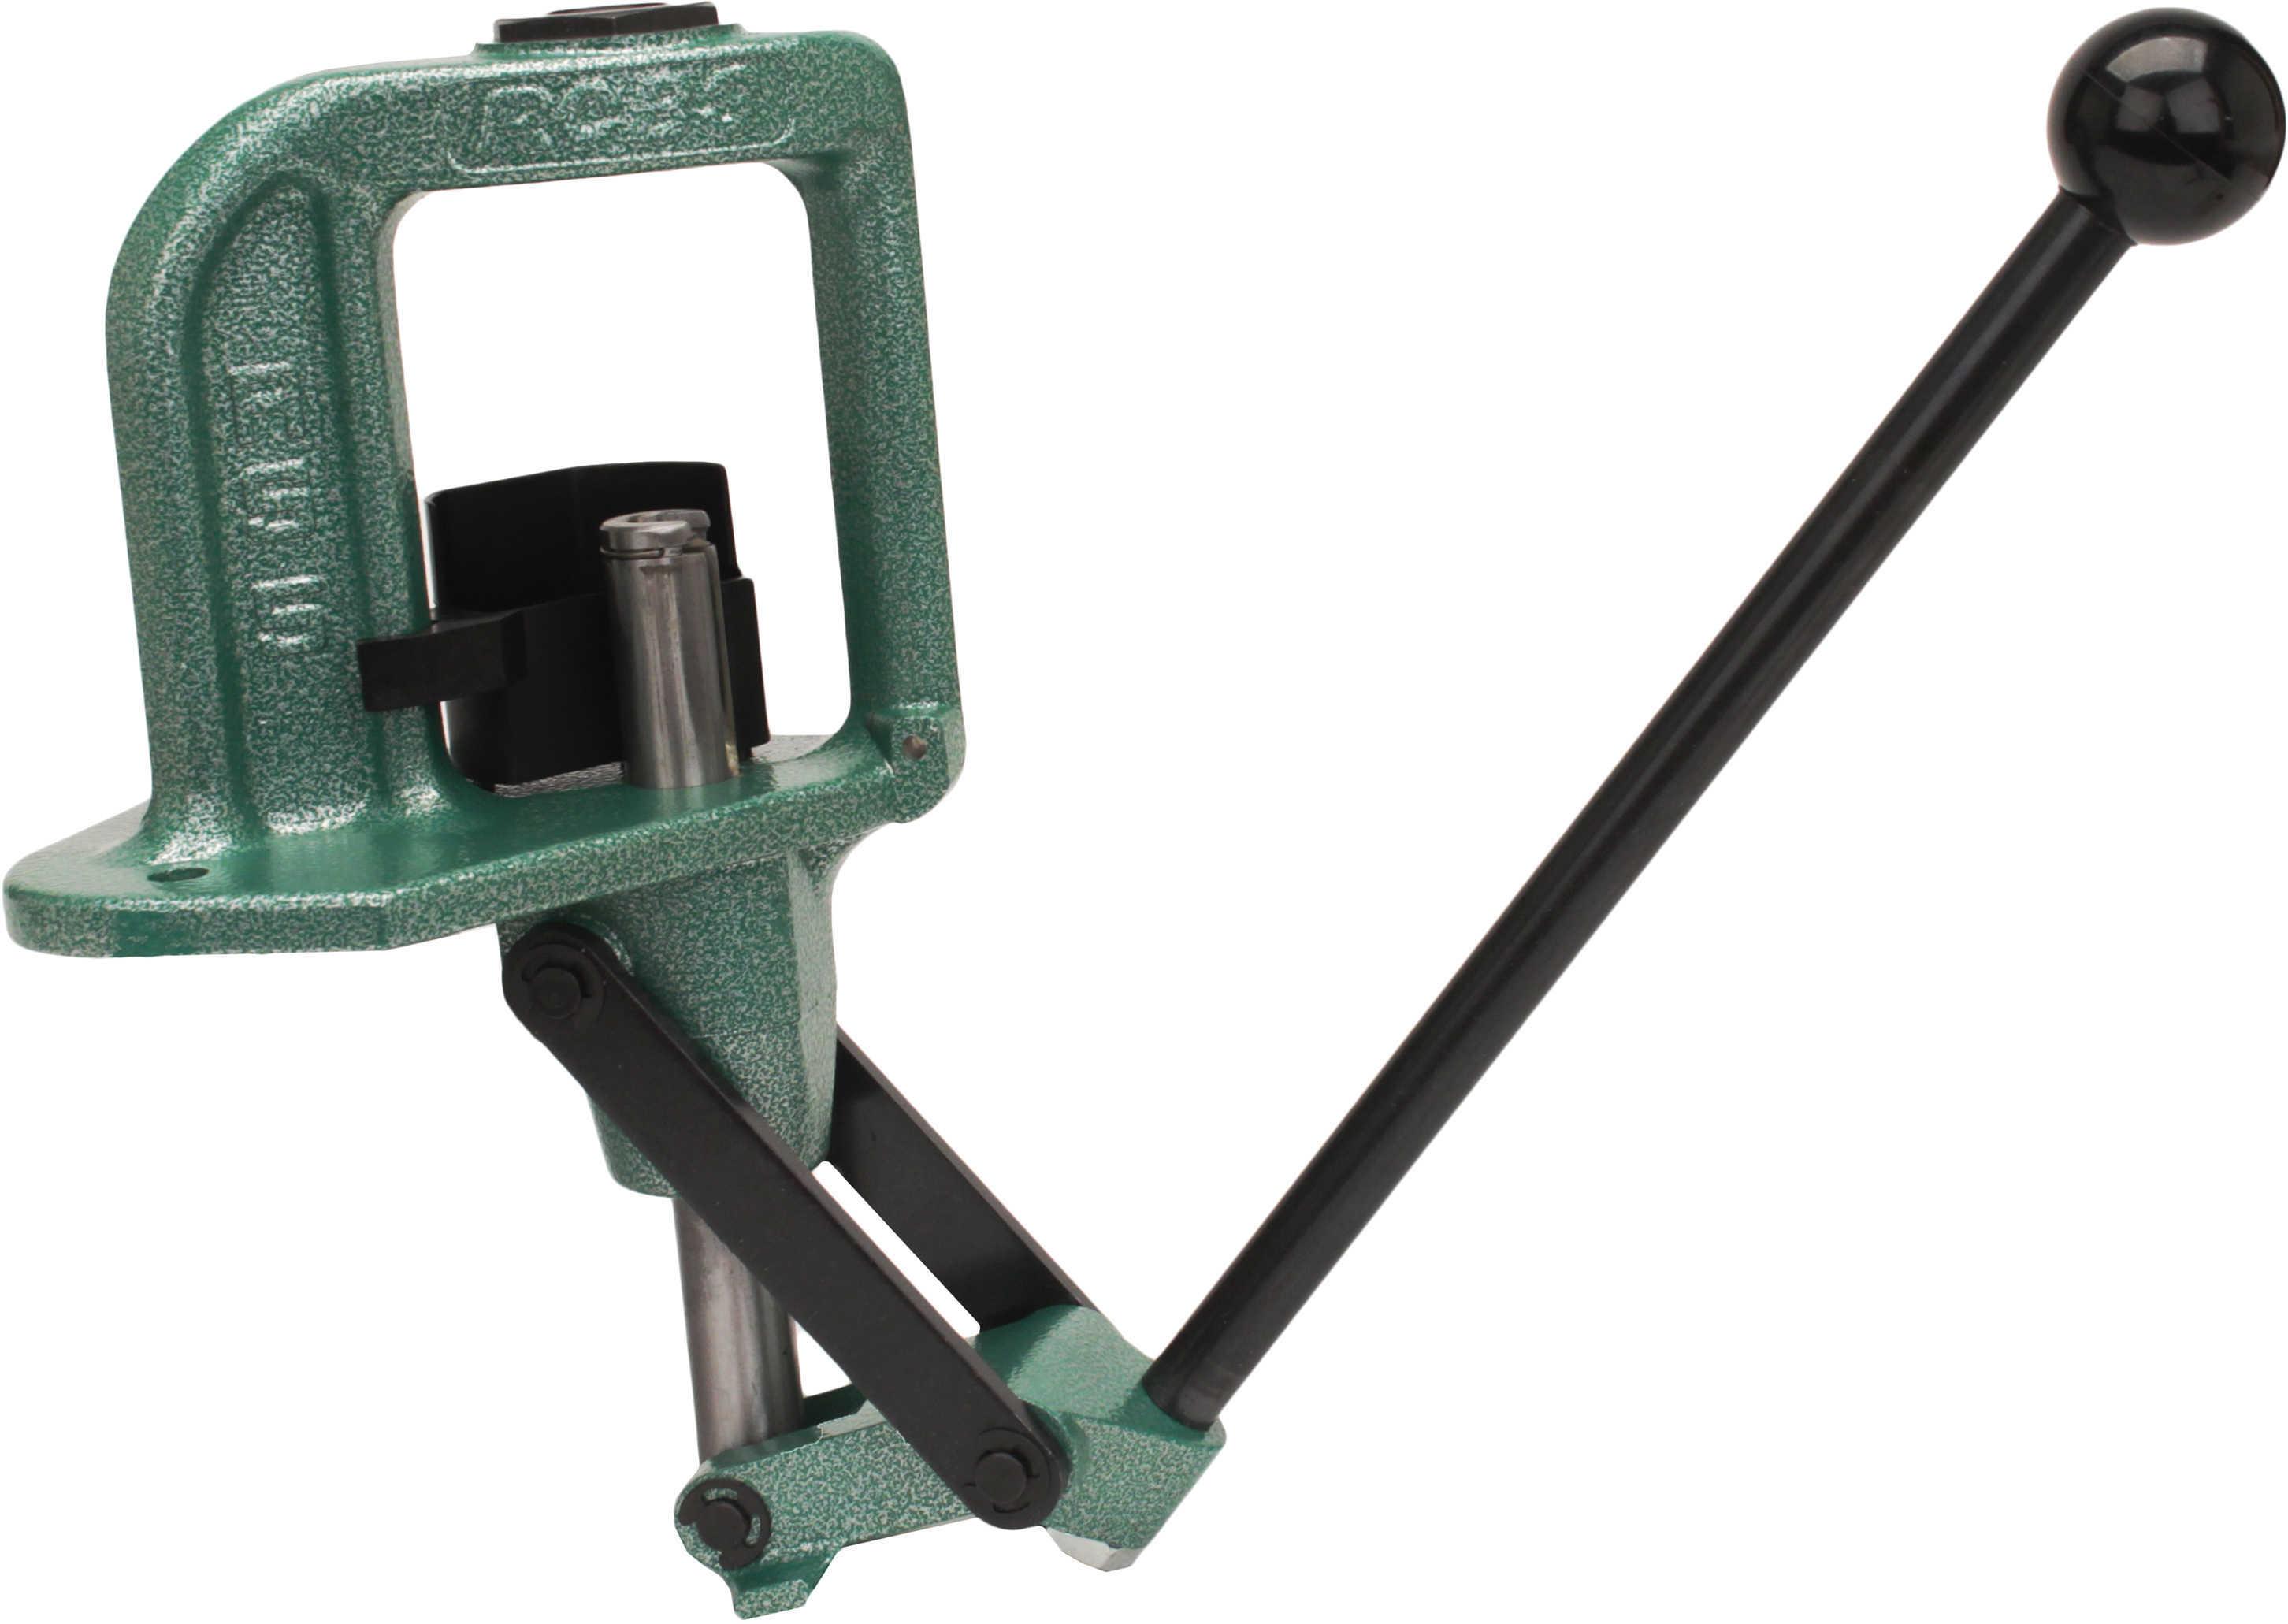 RCBS Reloader Special-5 Press Md: 09285